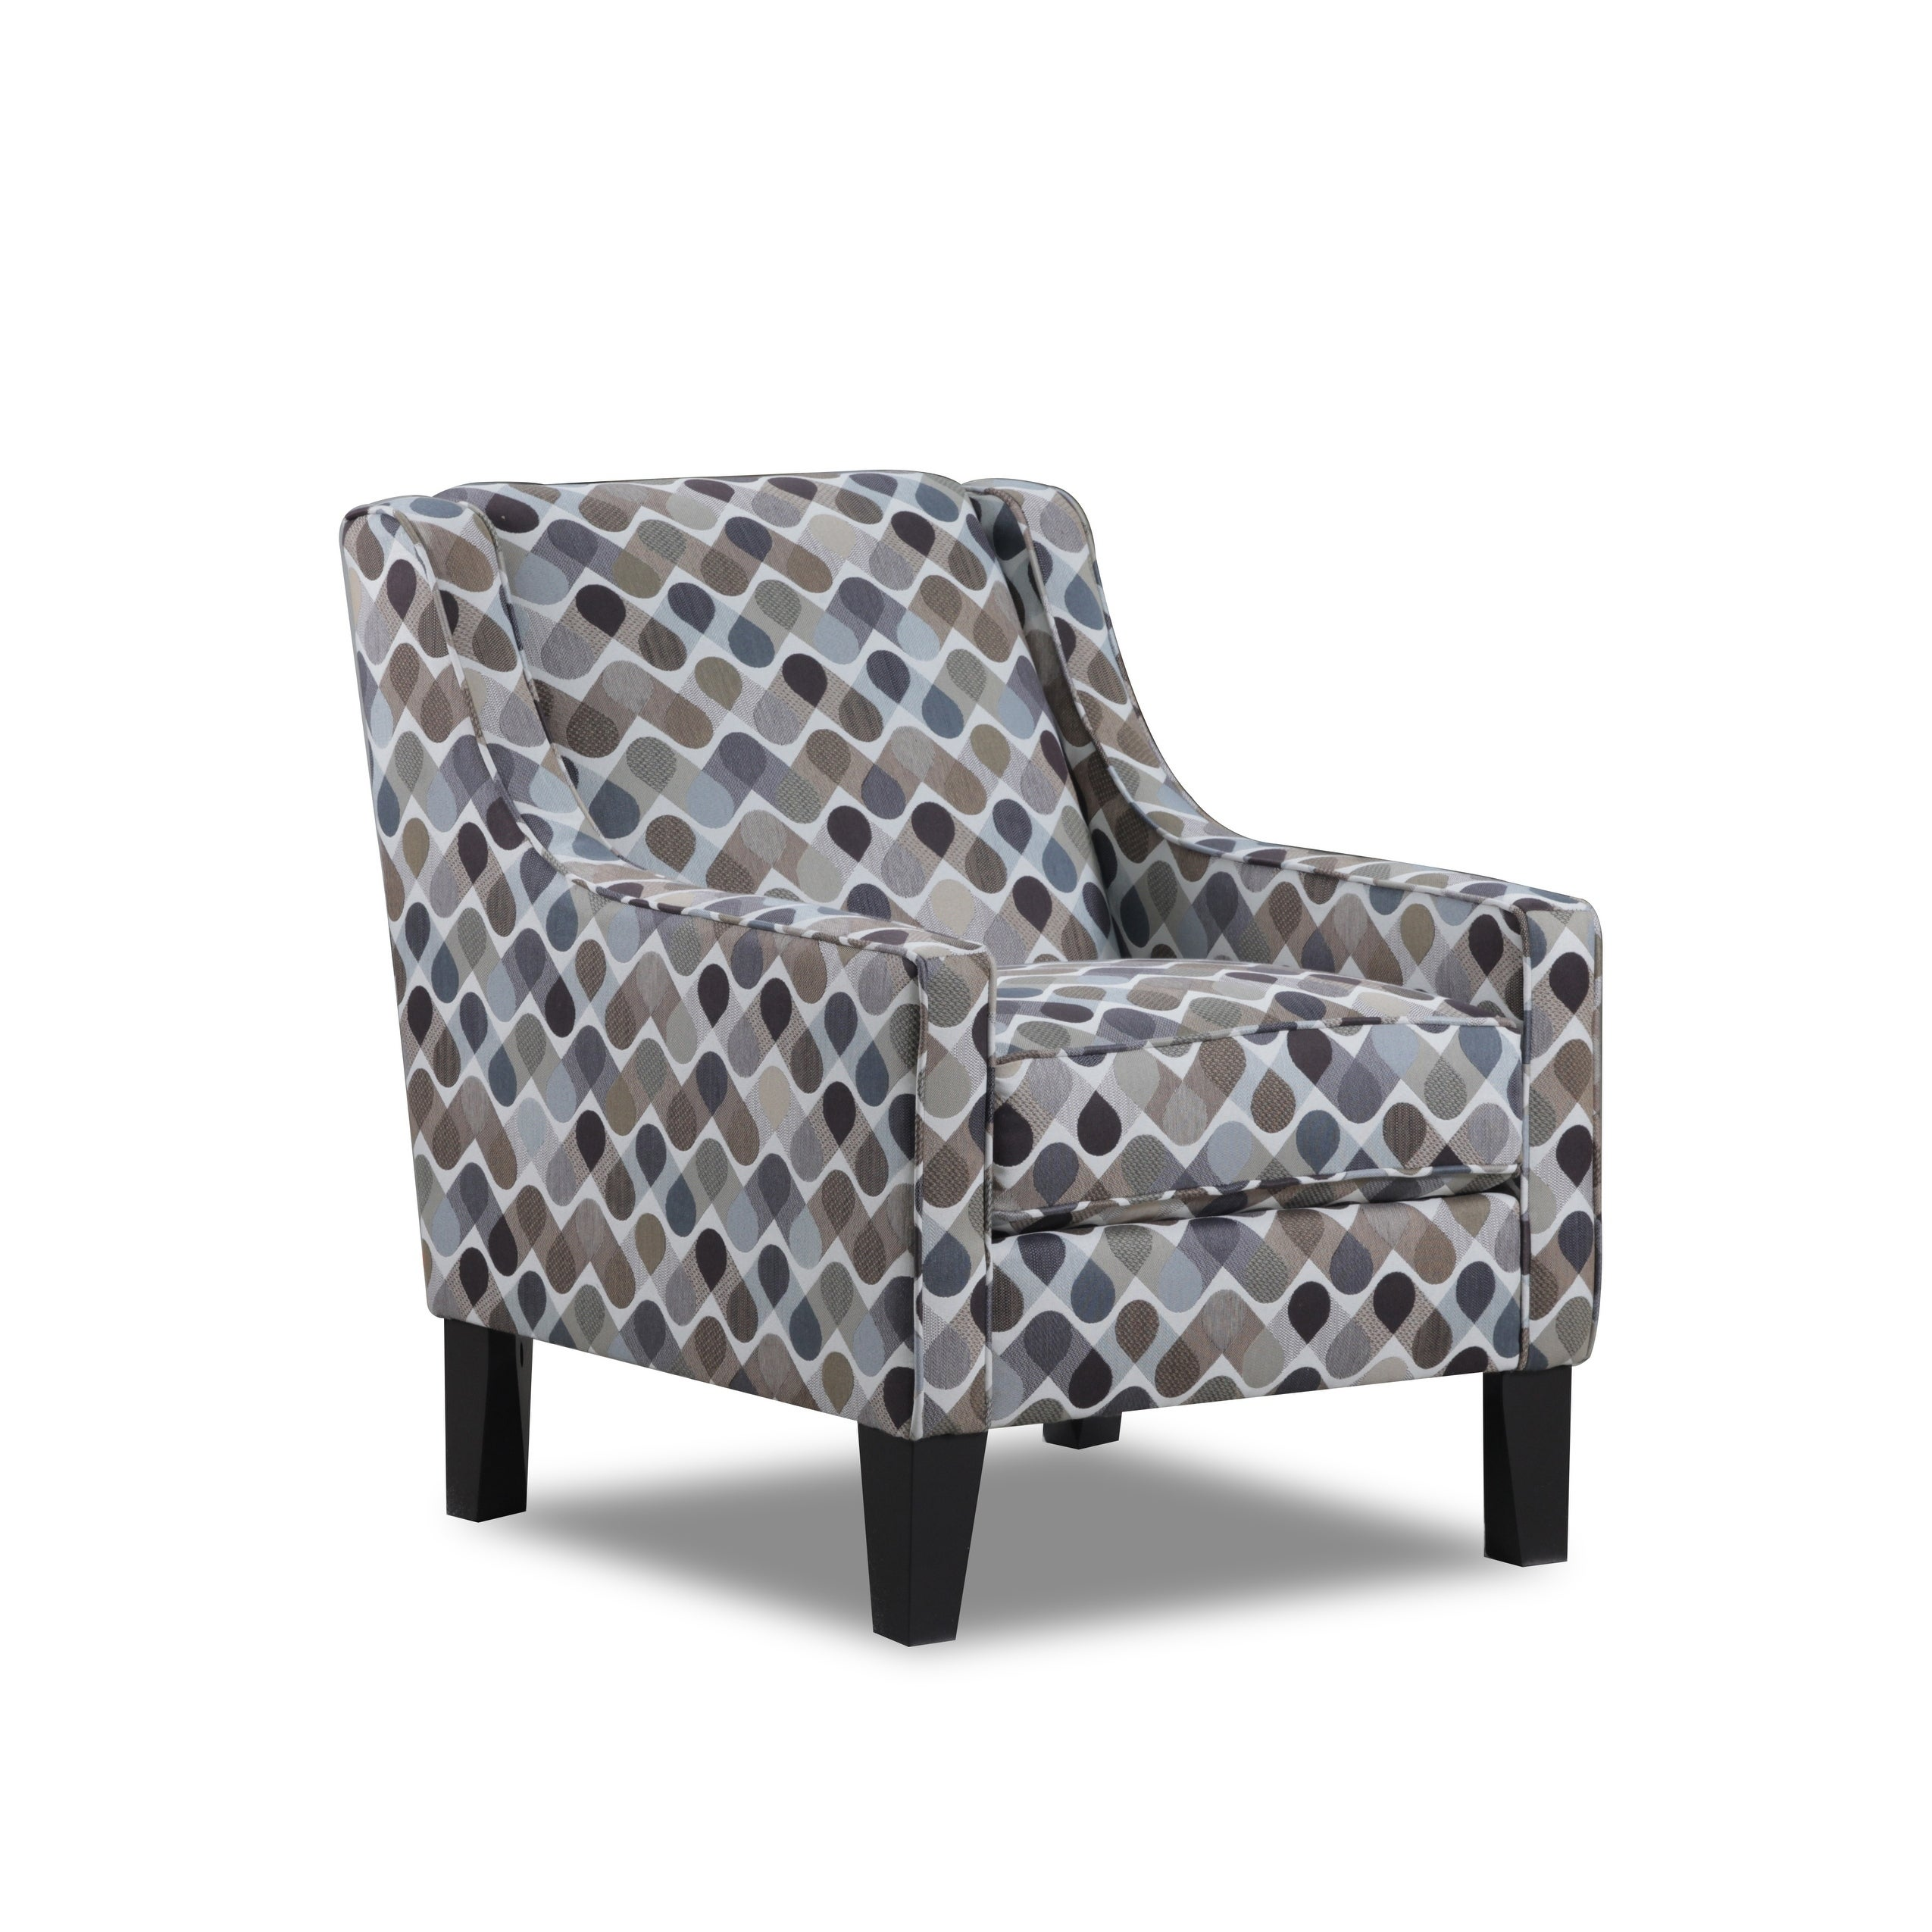 Pleasing Simmons Upholstery Swivel Desert Accent Chair Short Links Chair Design For Home Short Linksinfo